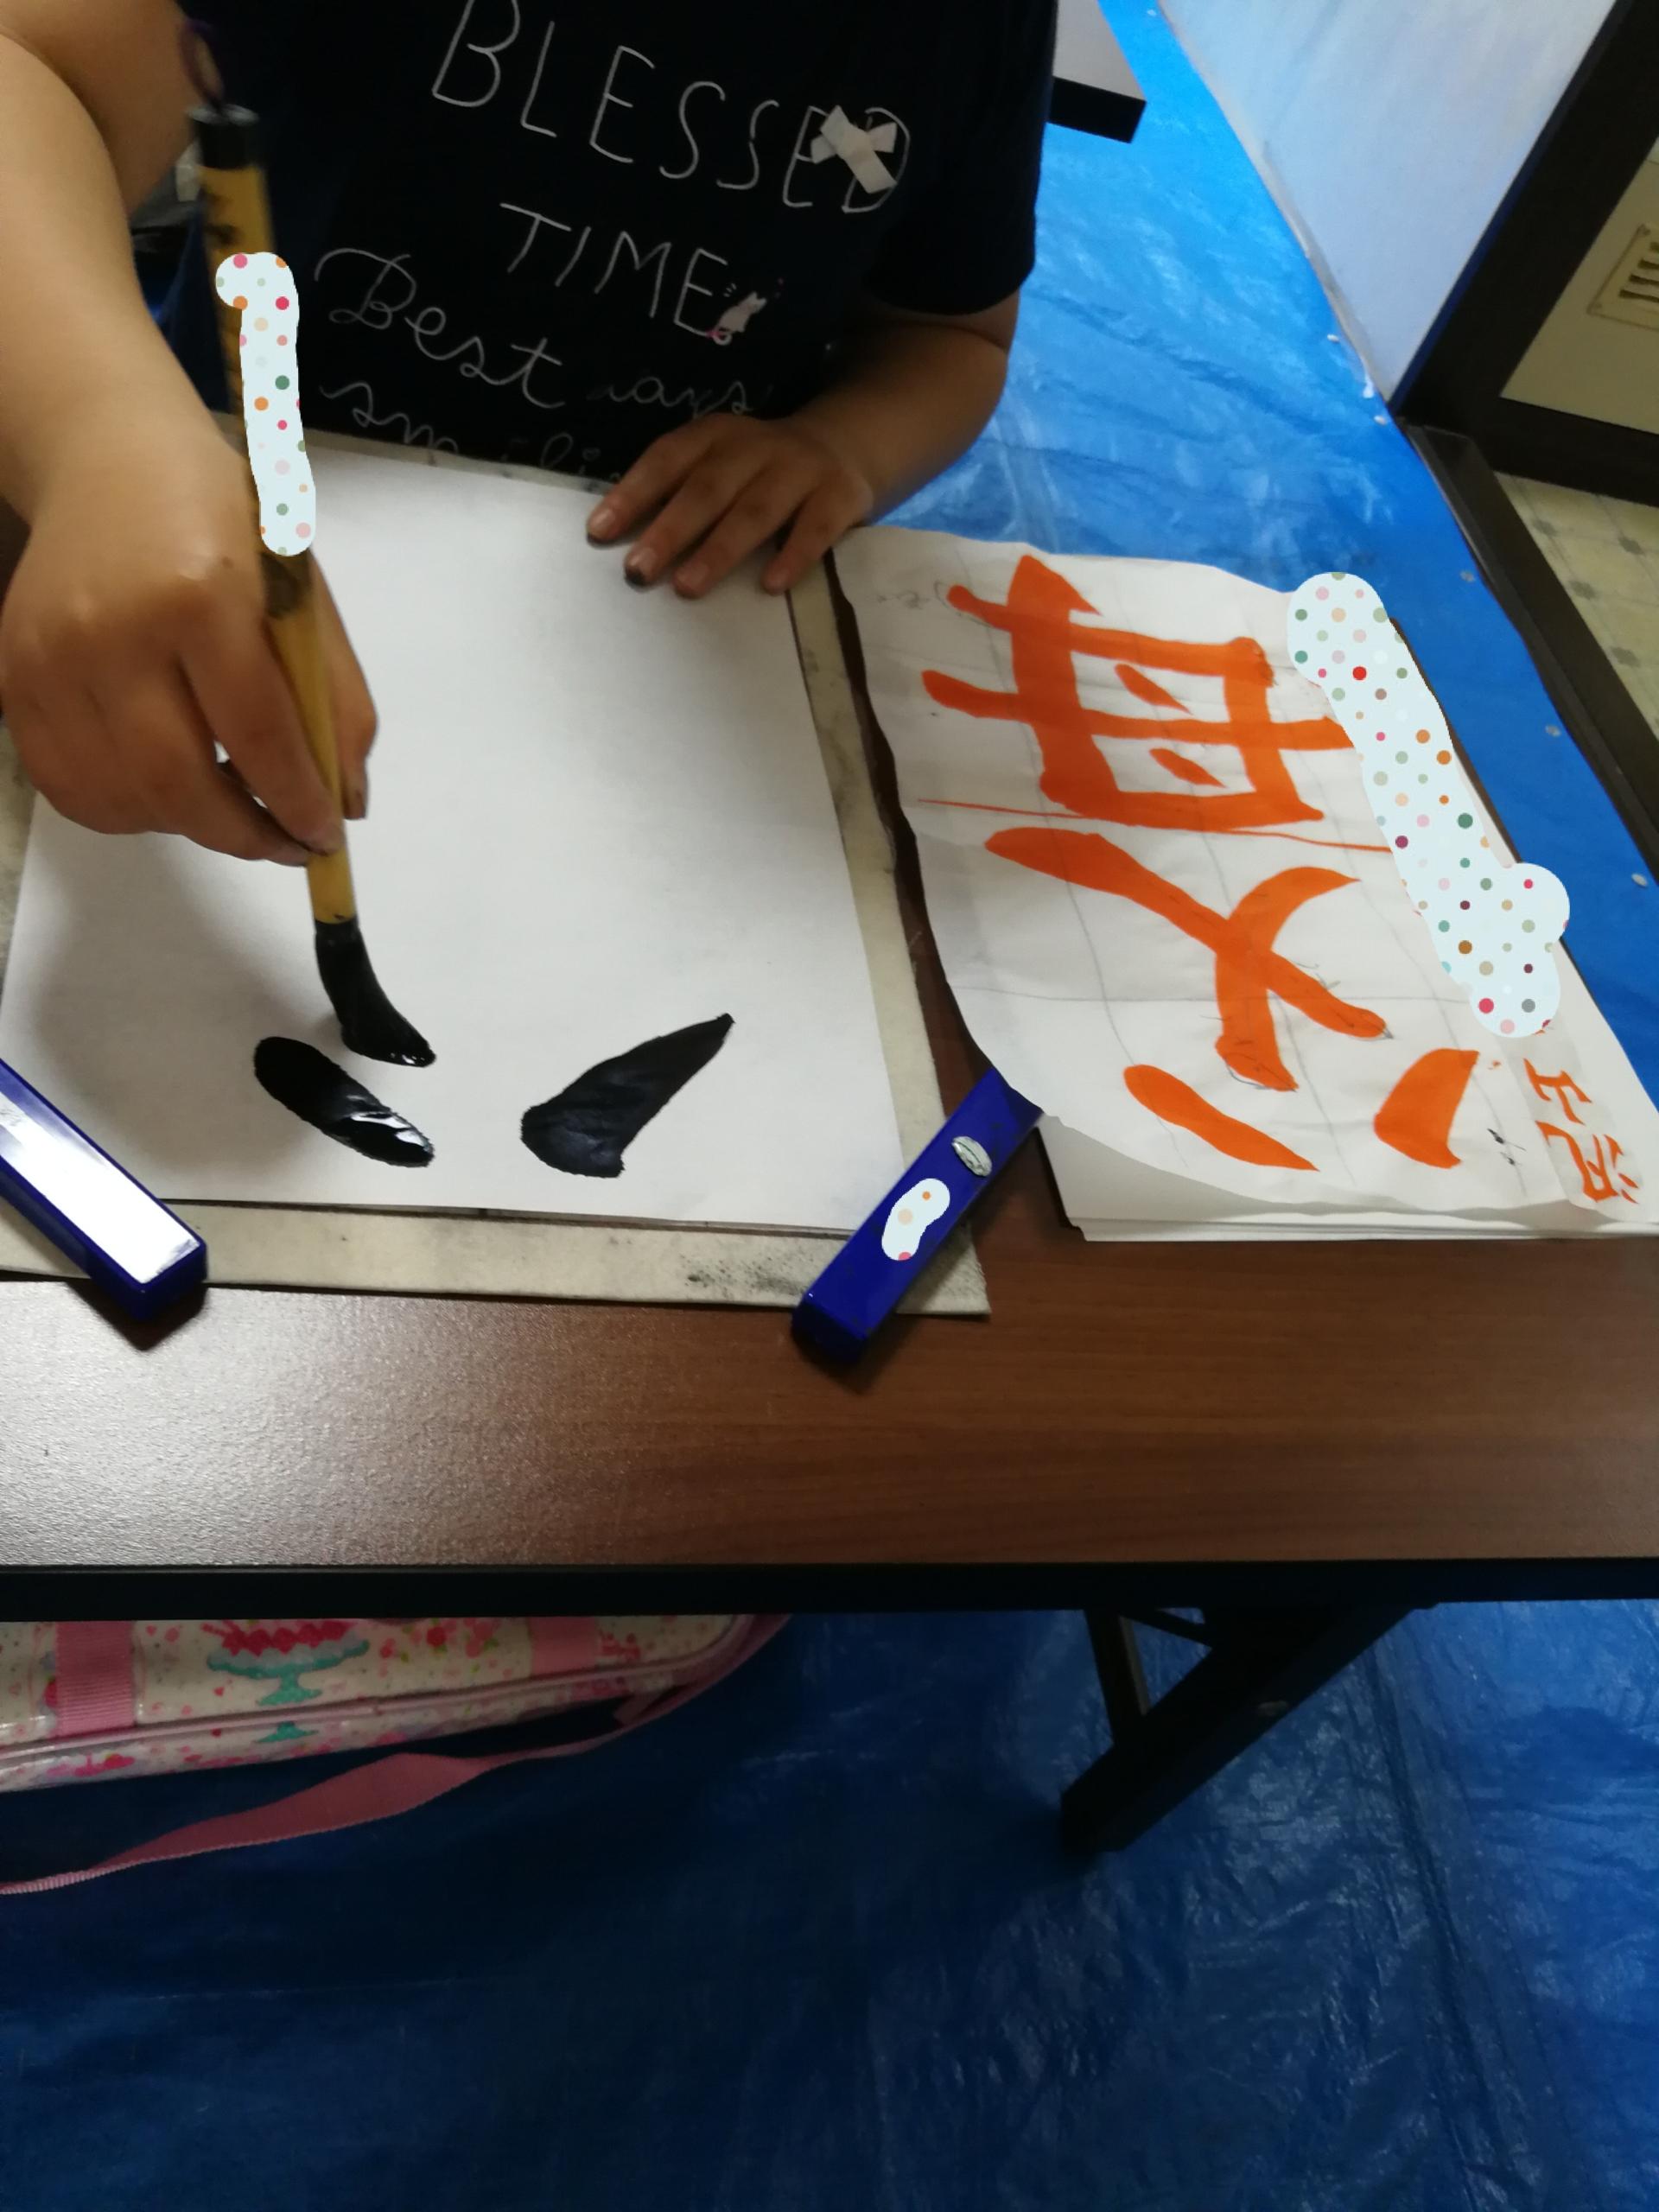 漢字の書き方は専門家におまかせを。